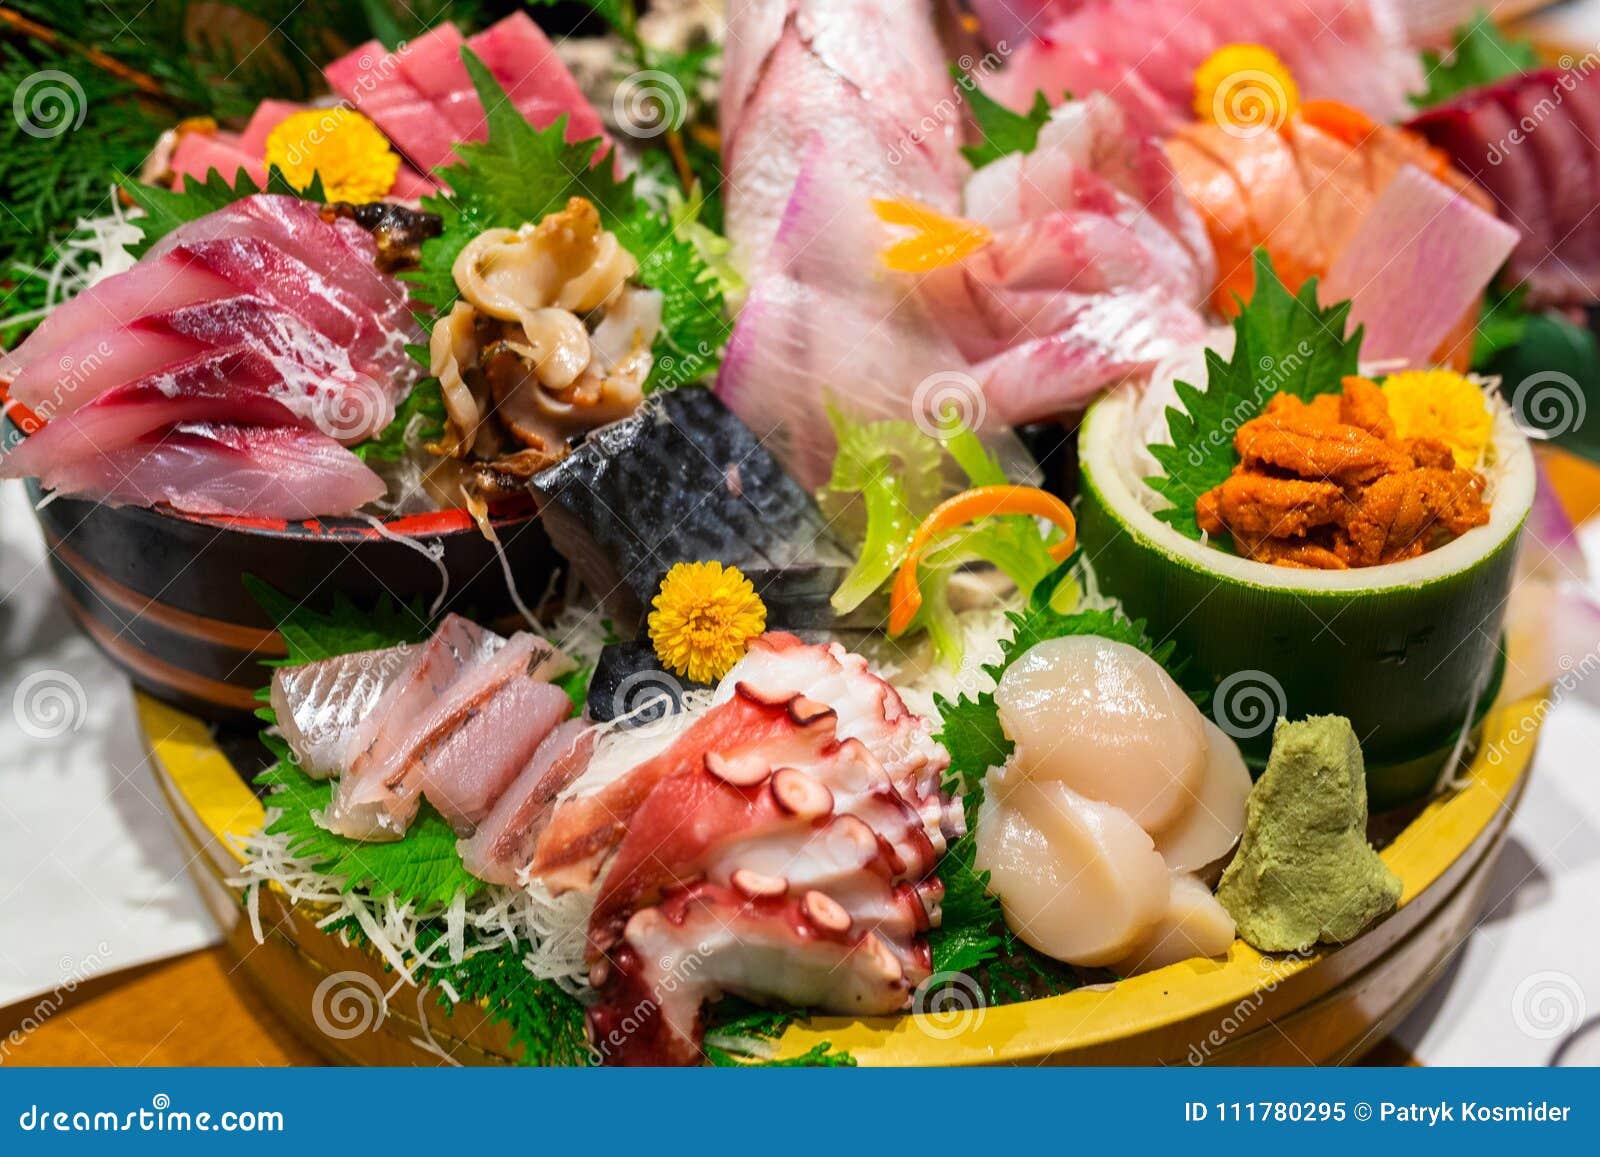 Japanese plate of sashimi